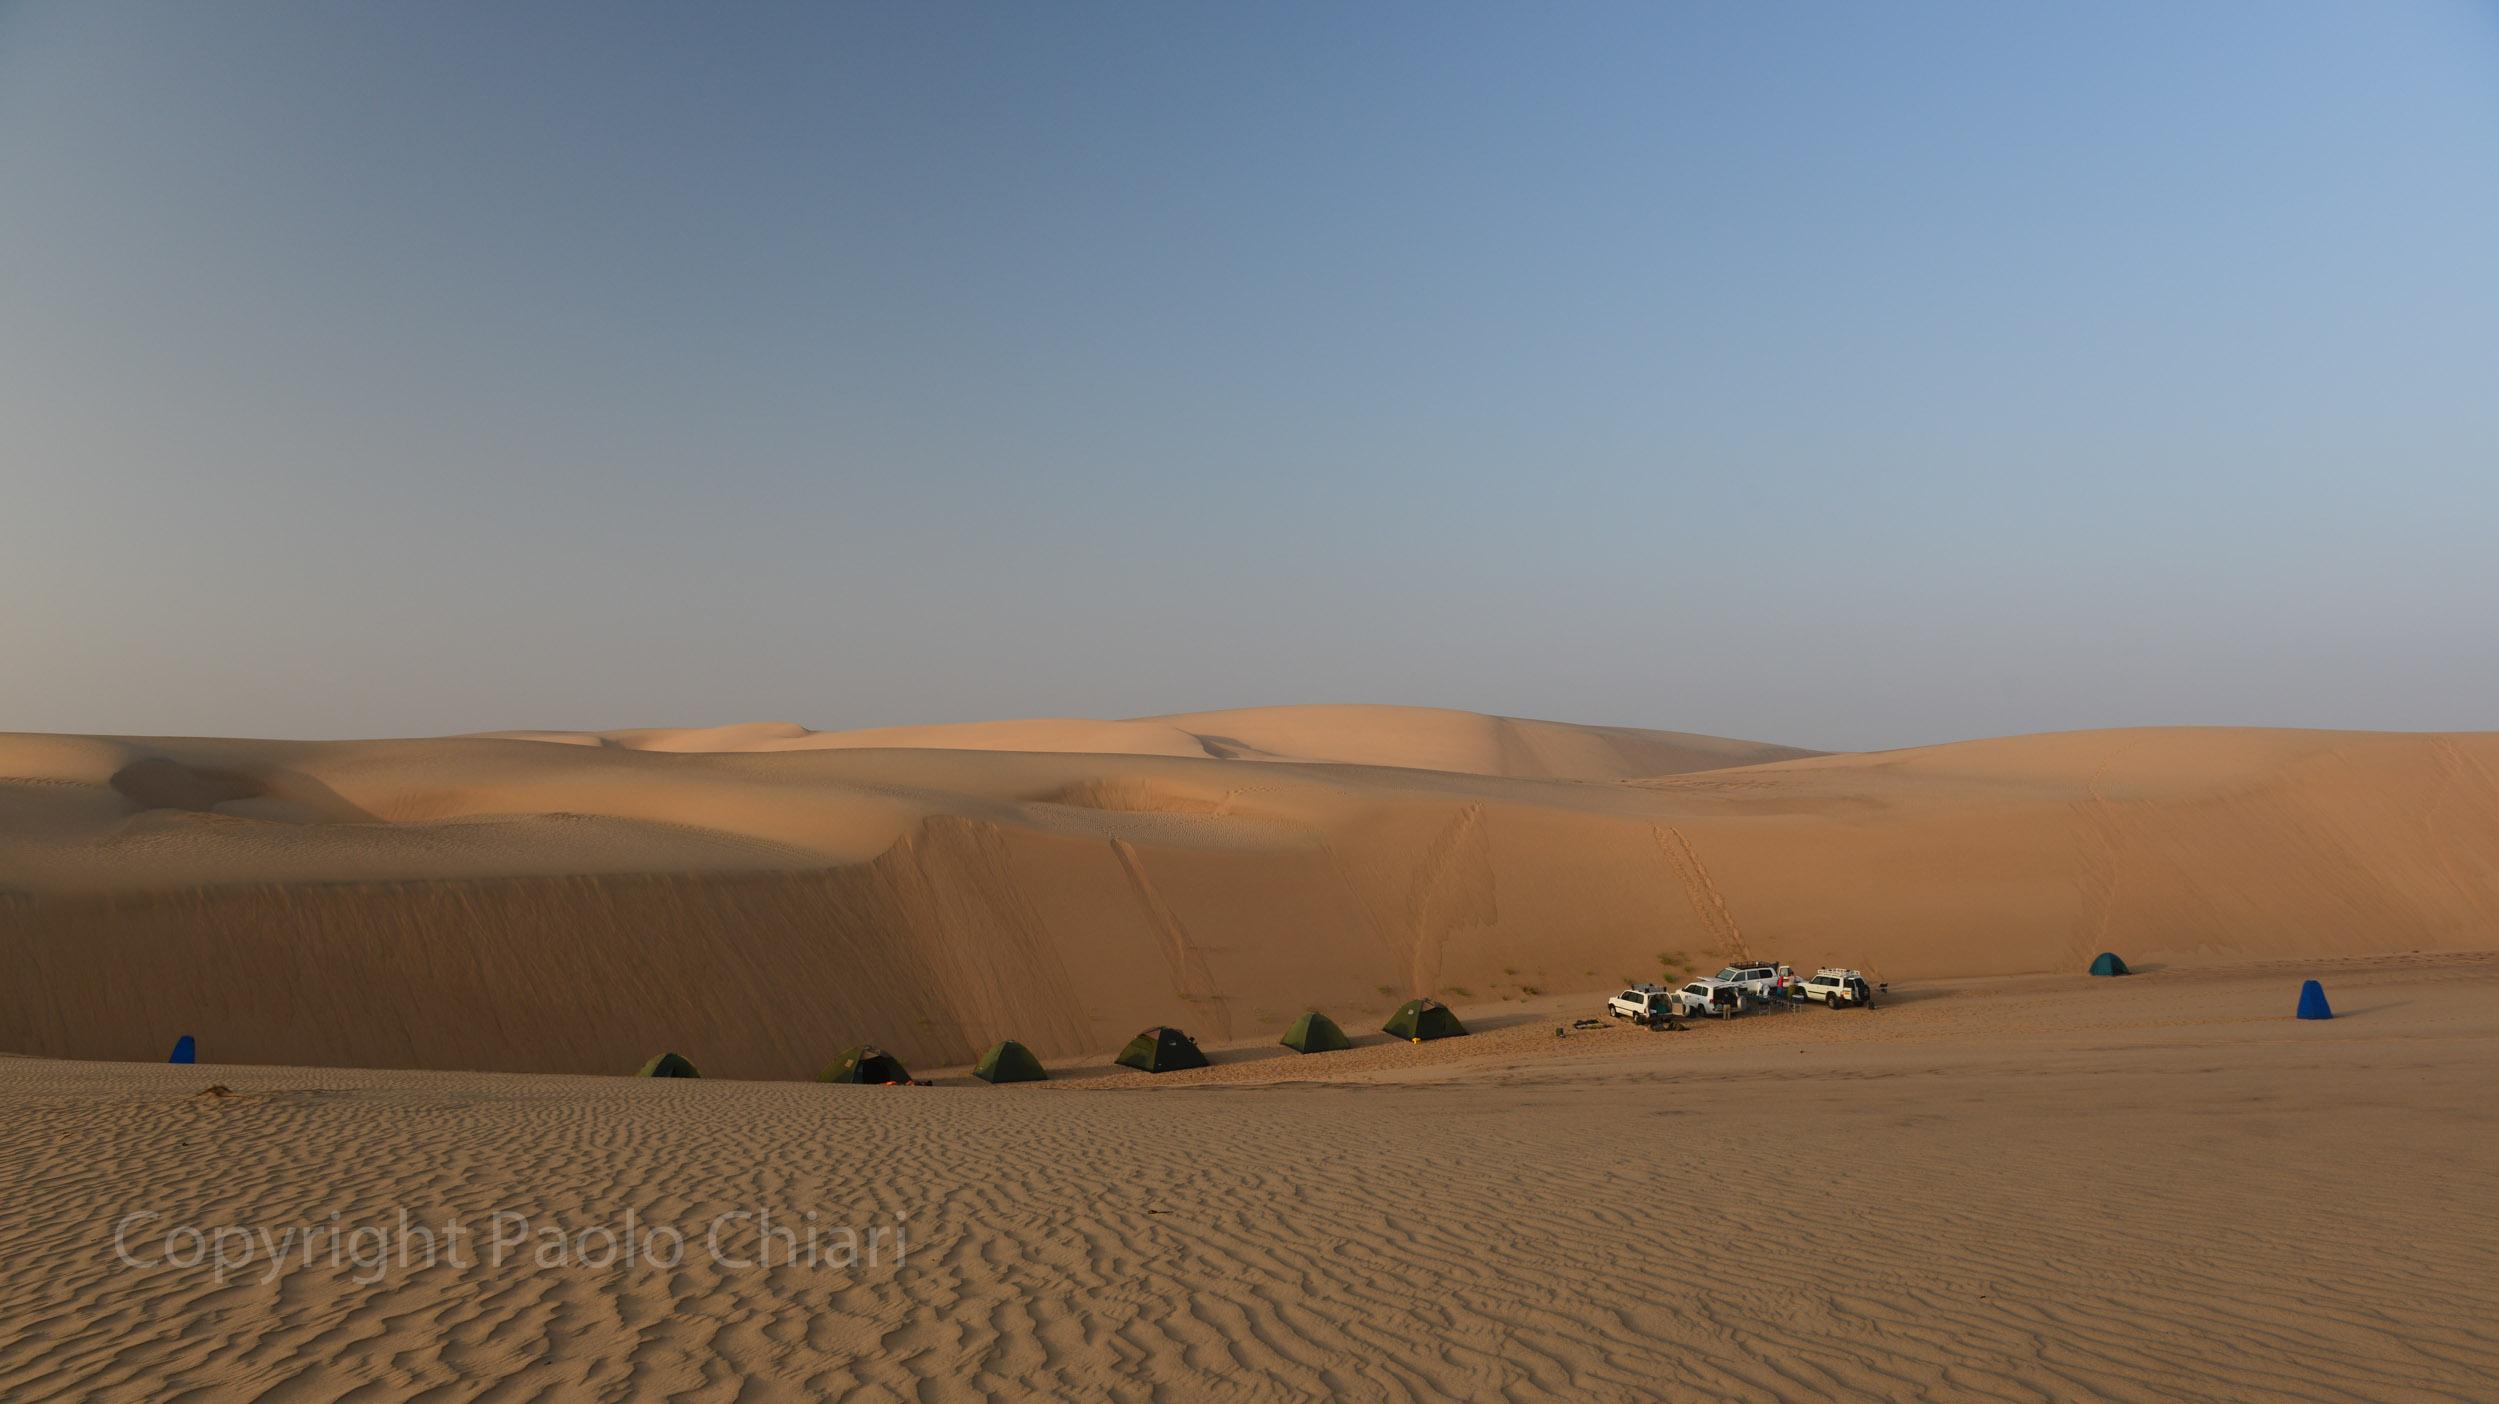 309_Oman13_1587